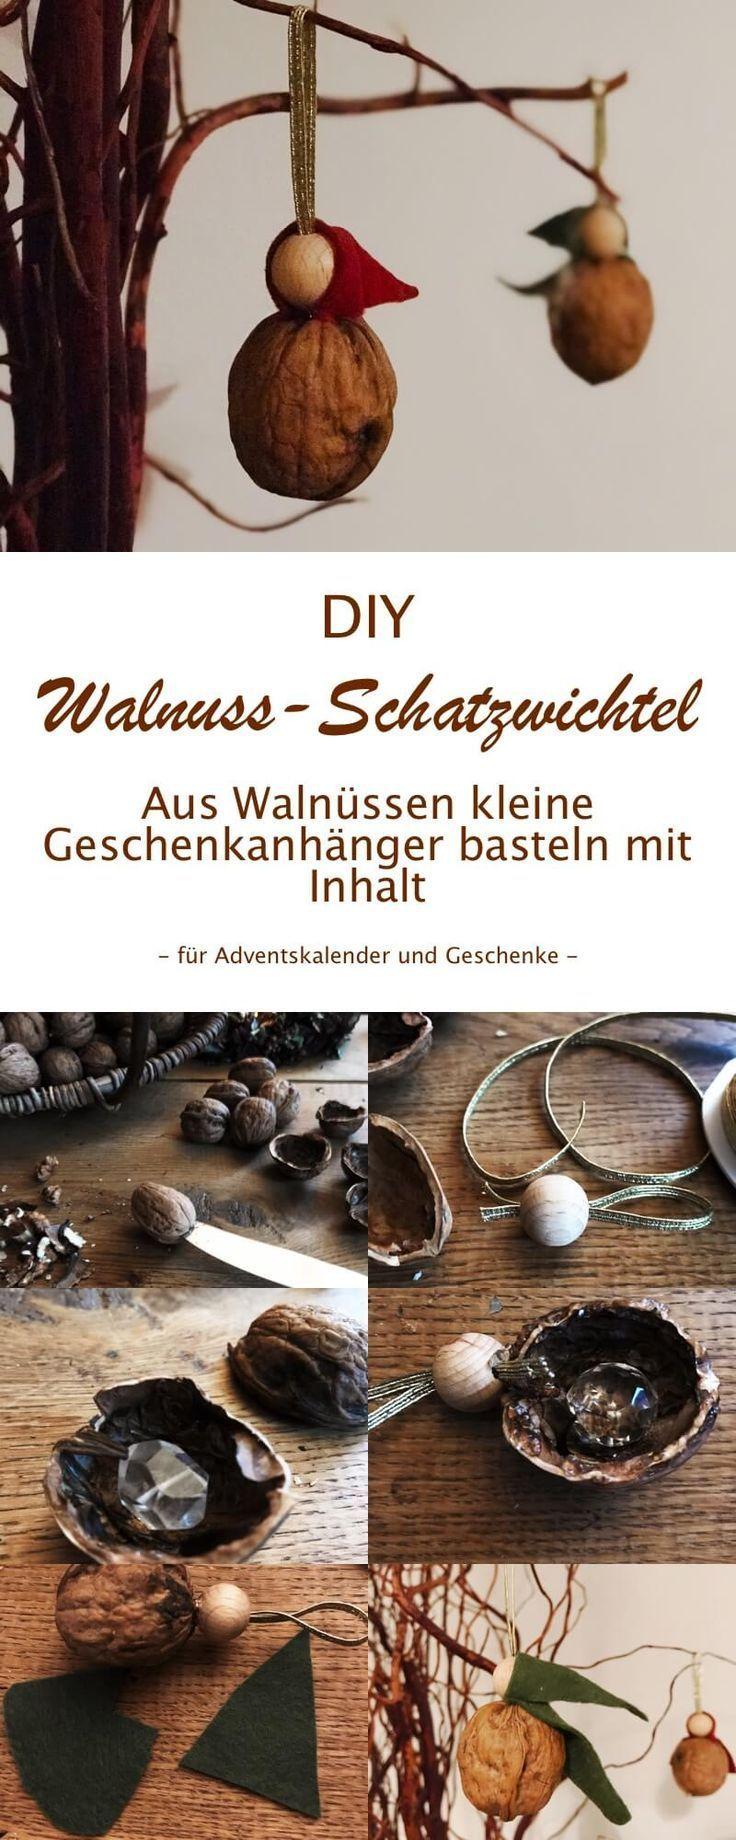 Schätze aus Walnussschalen zum Basteln von Adventskalendern oder Geschenkanhänger